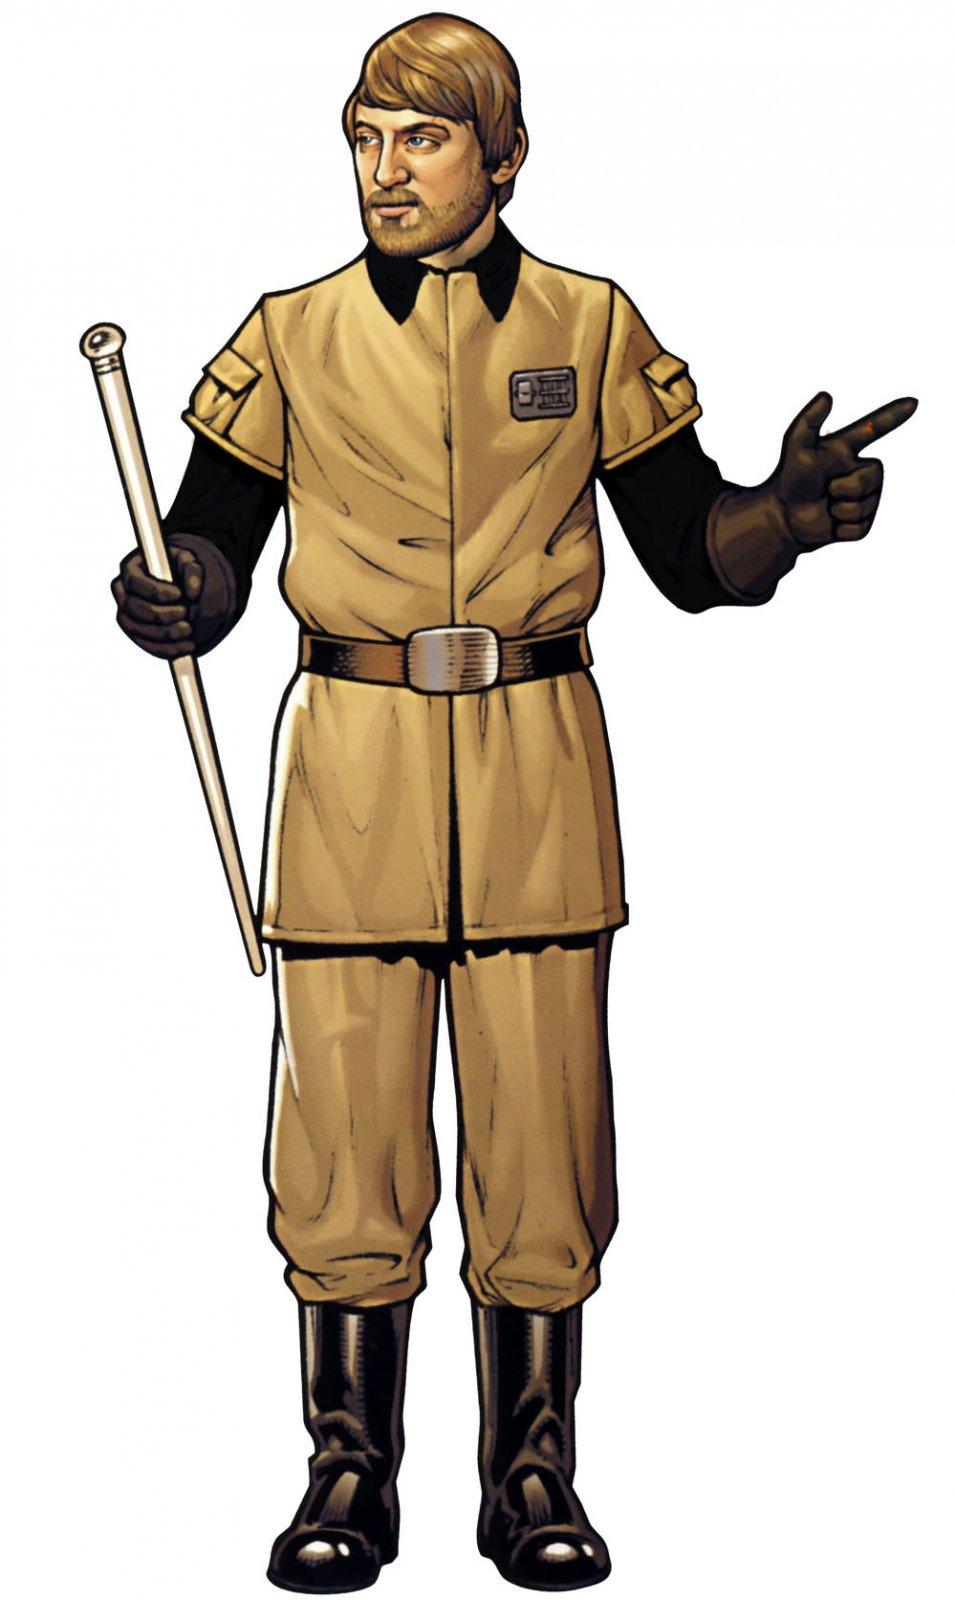 NRGD Uniform (Dunkler).jpe